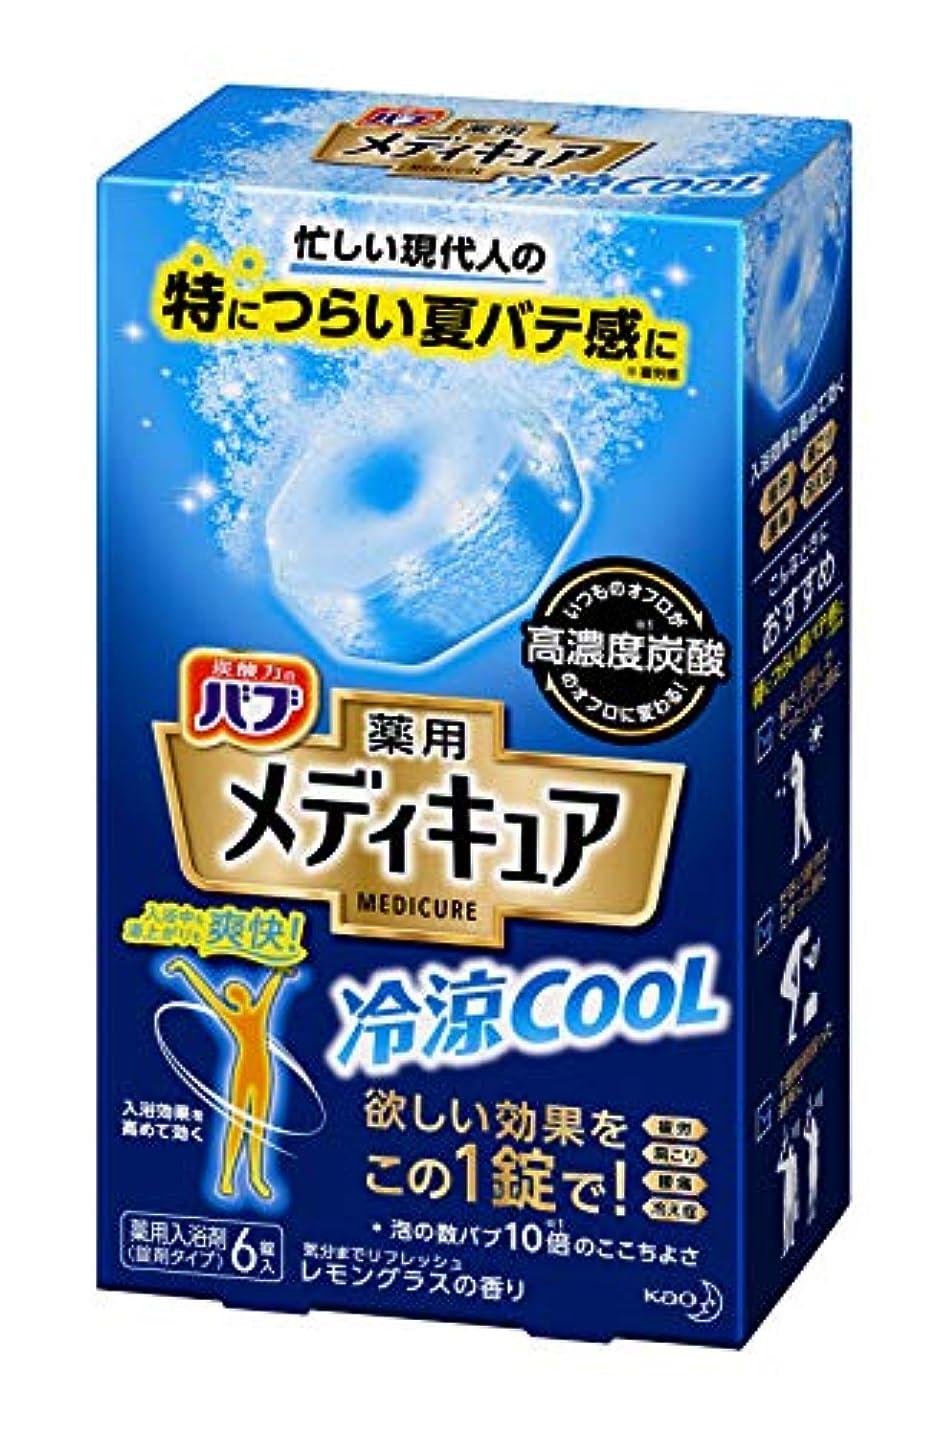 経済的審判百年バブ メディキュア 冷涼クール レモングラスの香り 6錠入 高濃度 炭酸 温泉成分 (泡の数バブの10倍)